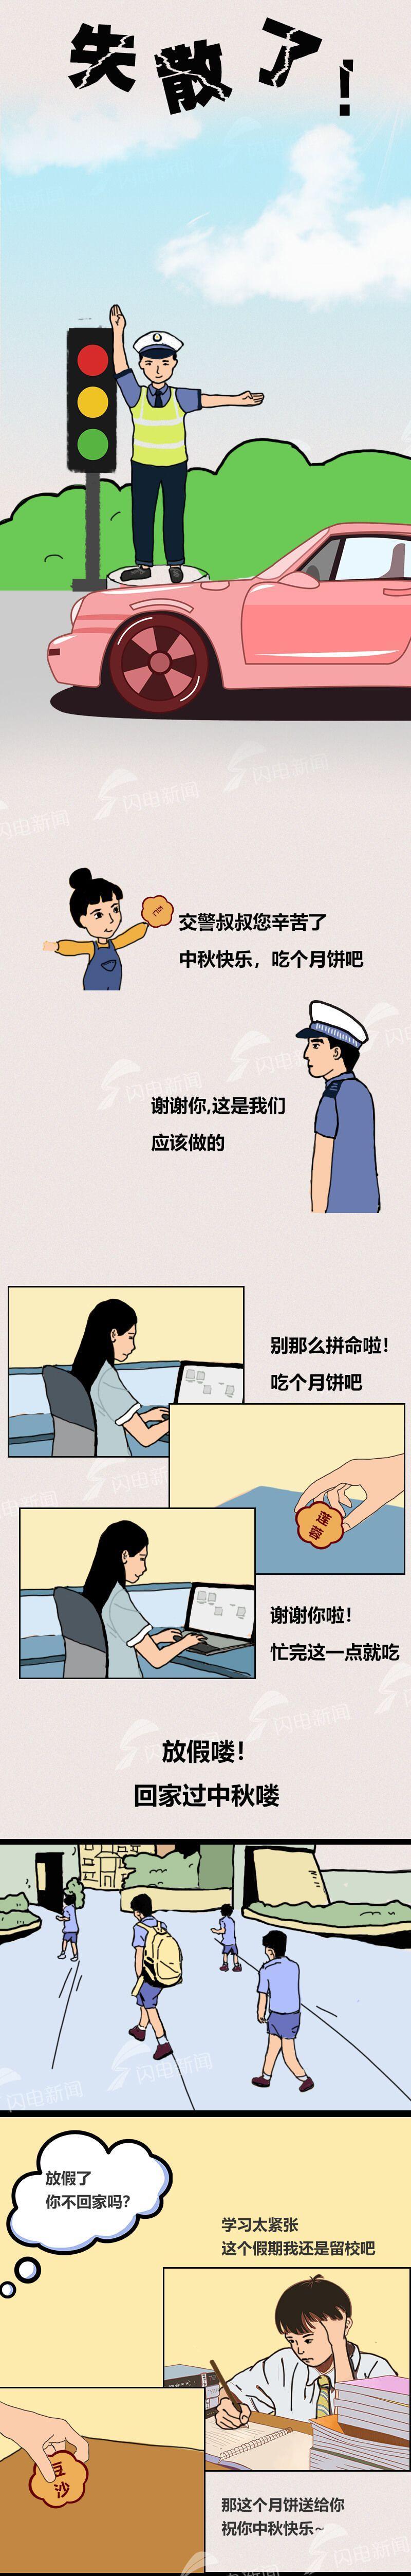 中春2-2 (1).jpg